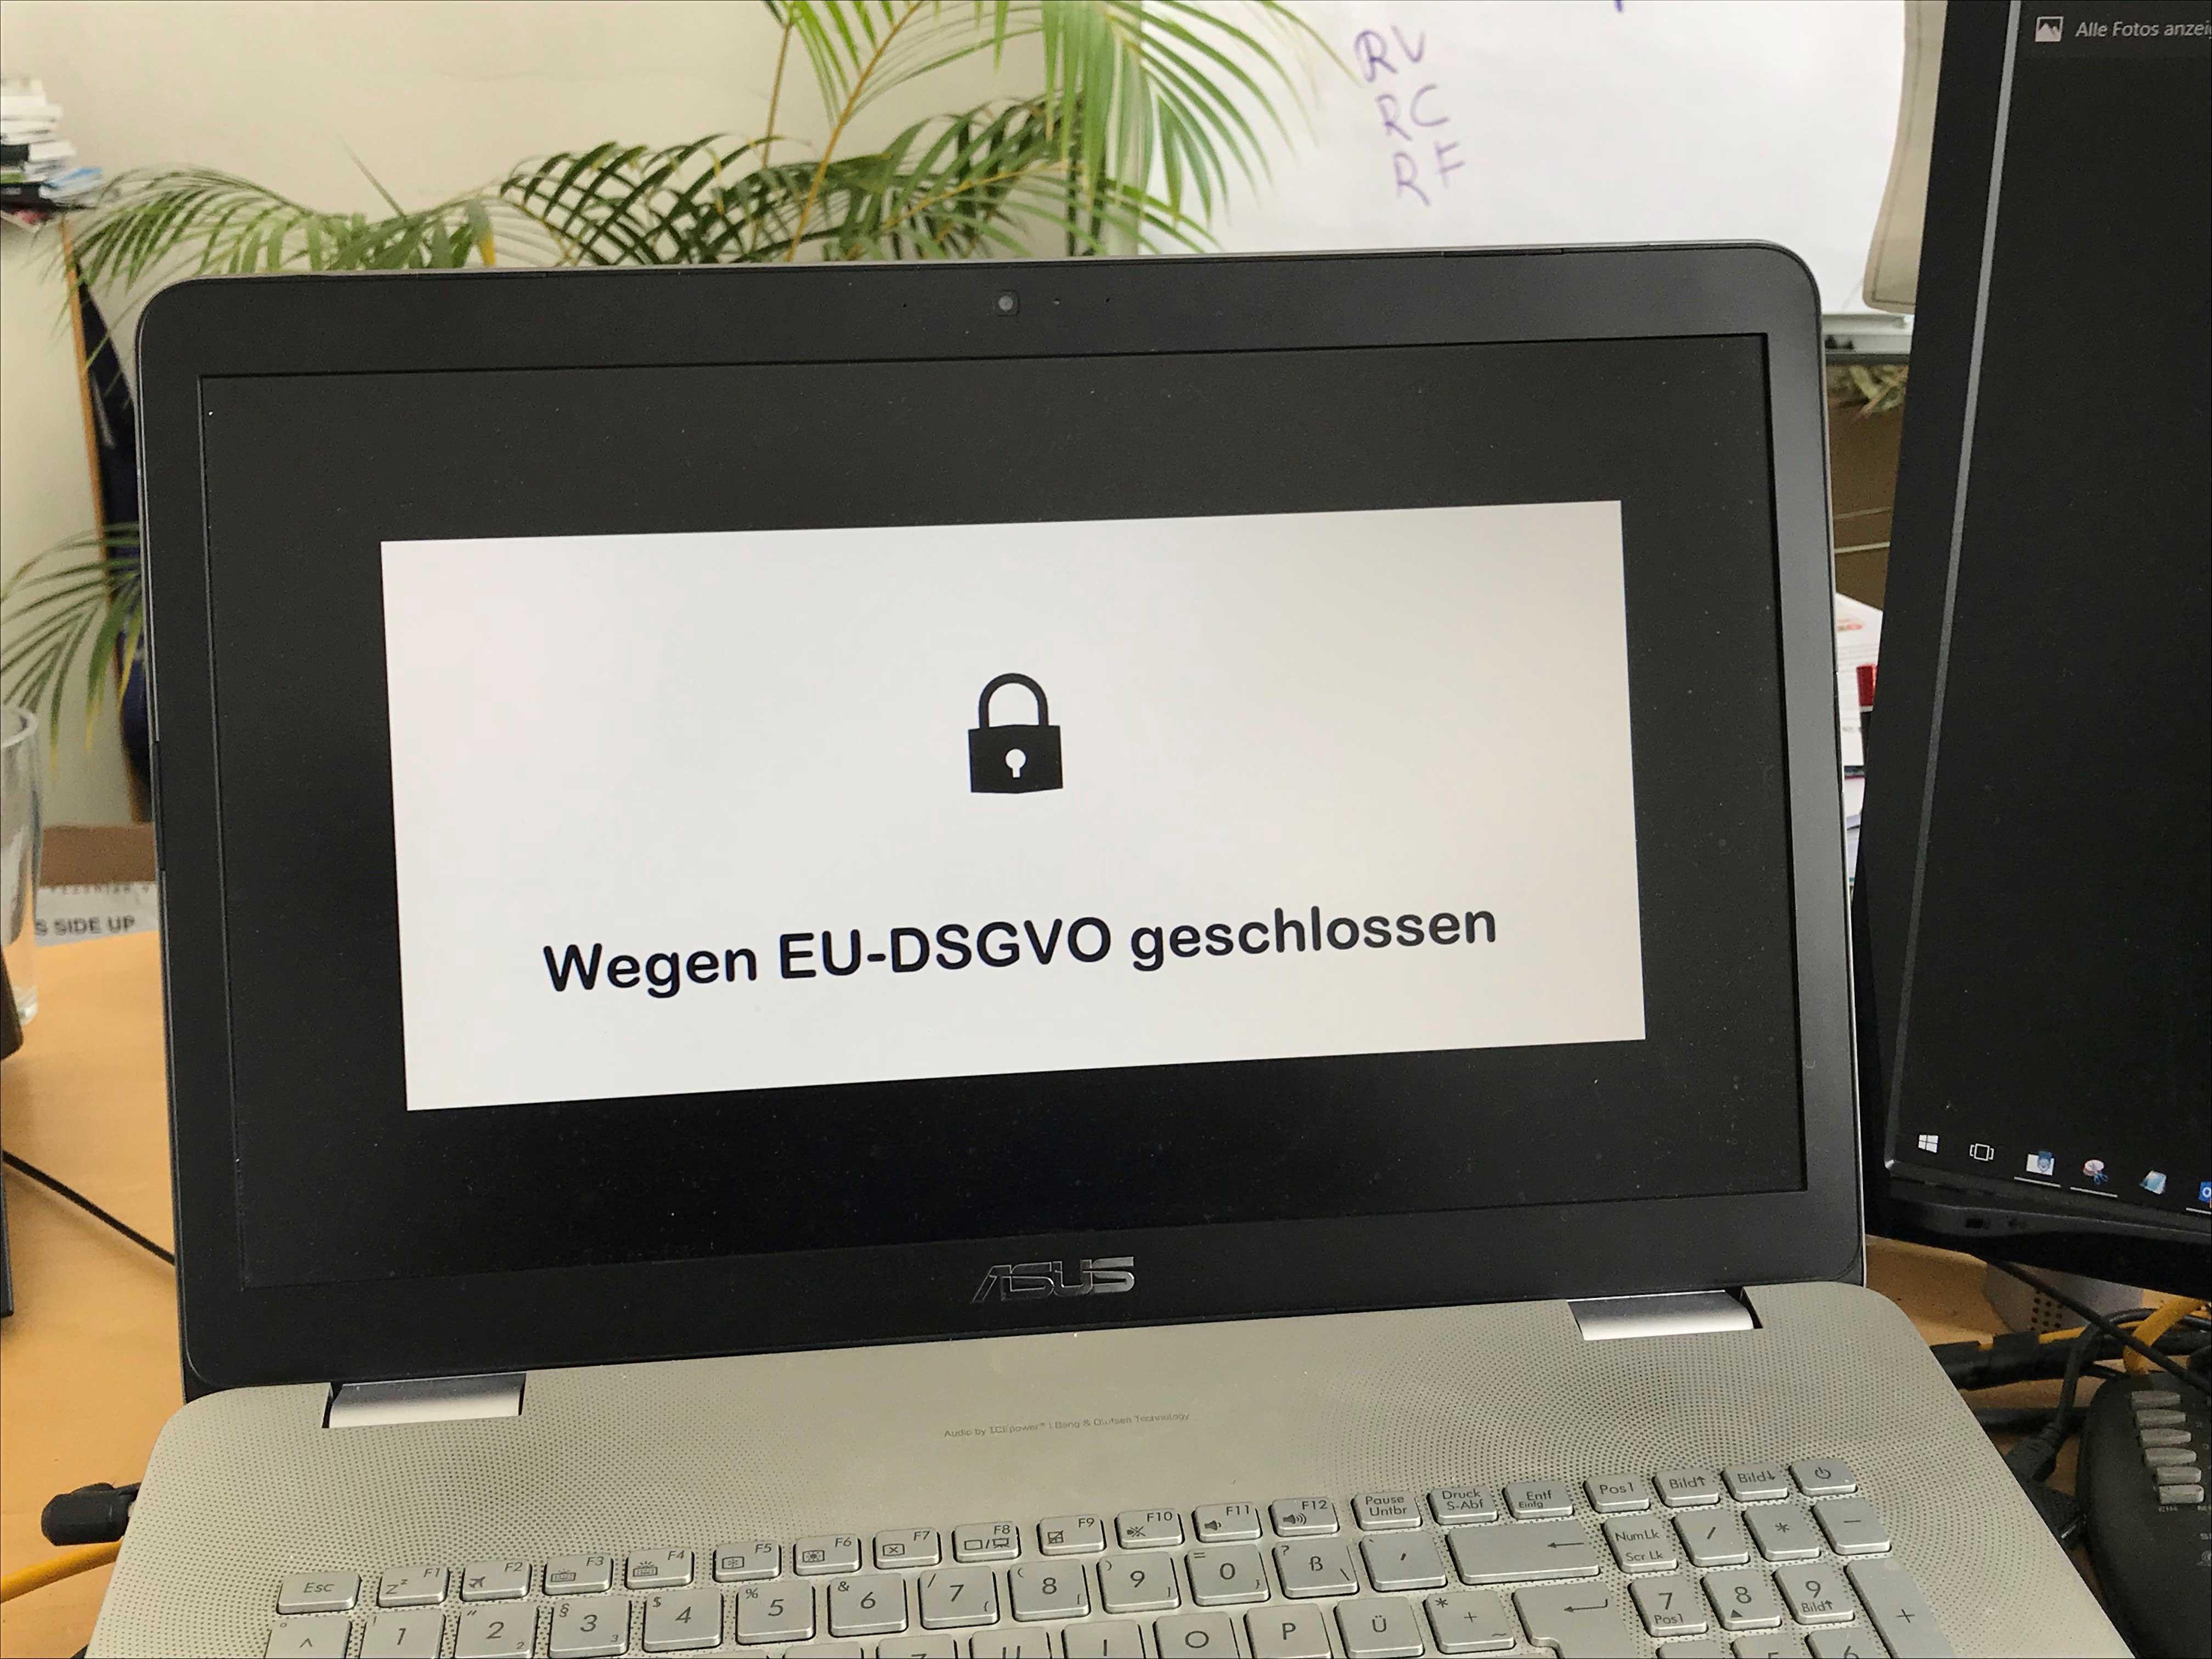 EU-DSGVO geschlossen EU-GDPR closed